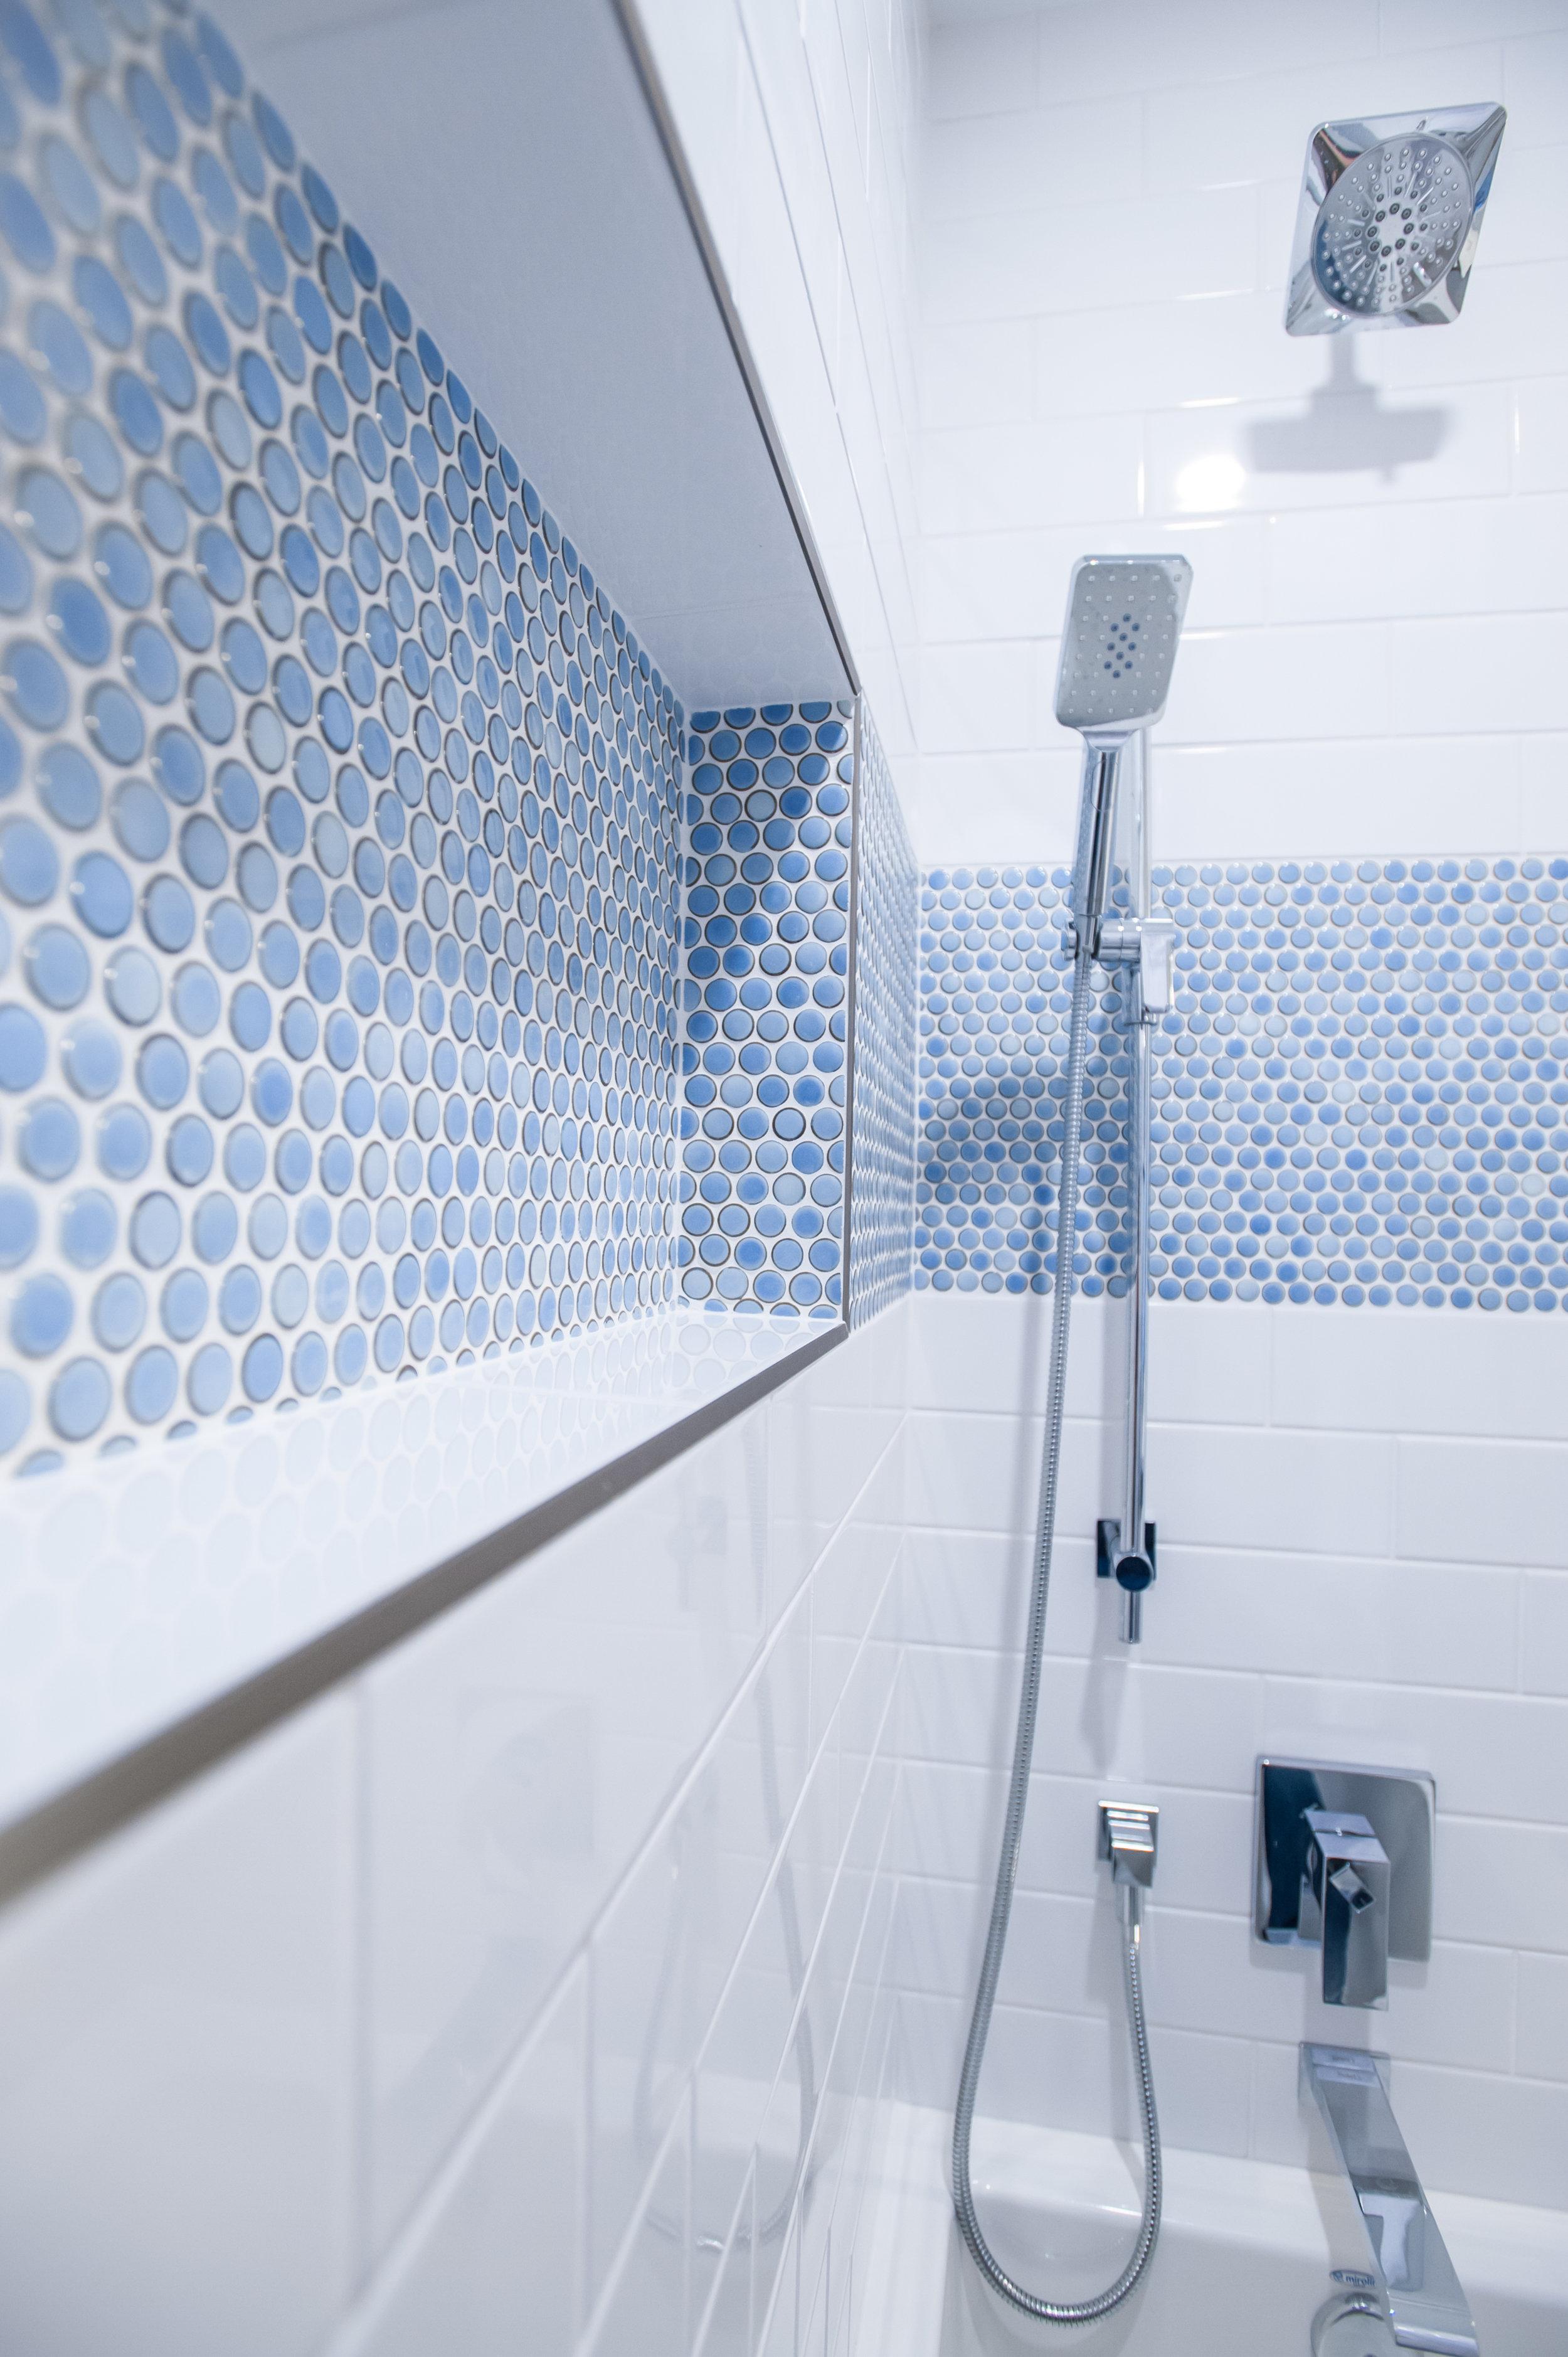 shower_reno_bathroom_tub_tile